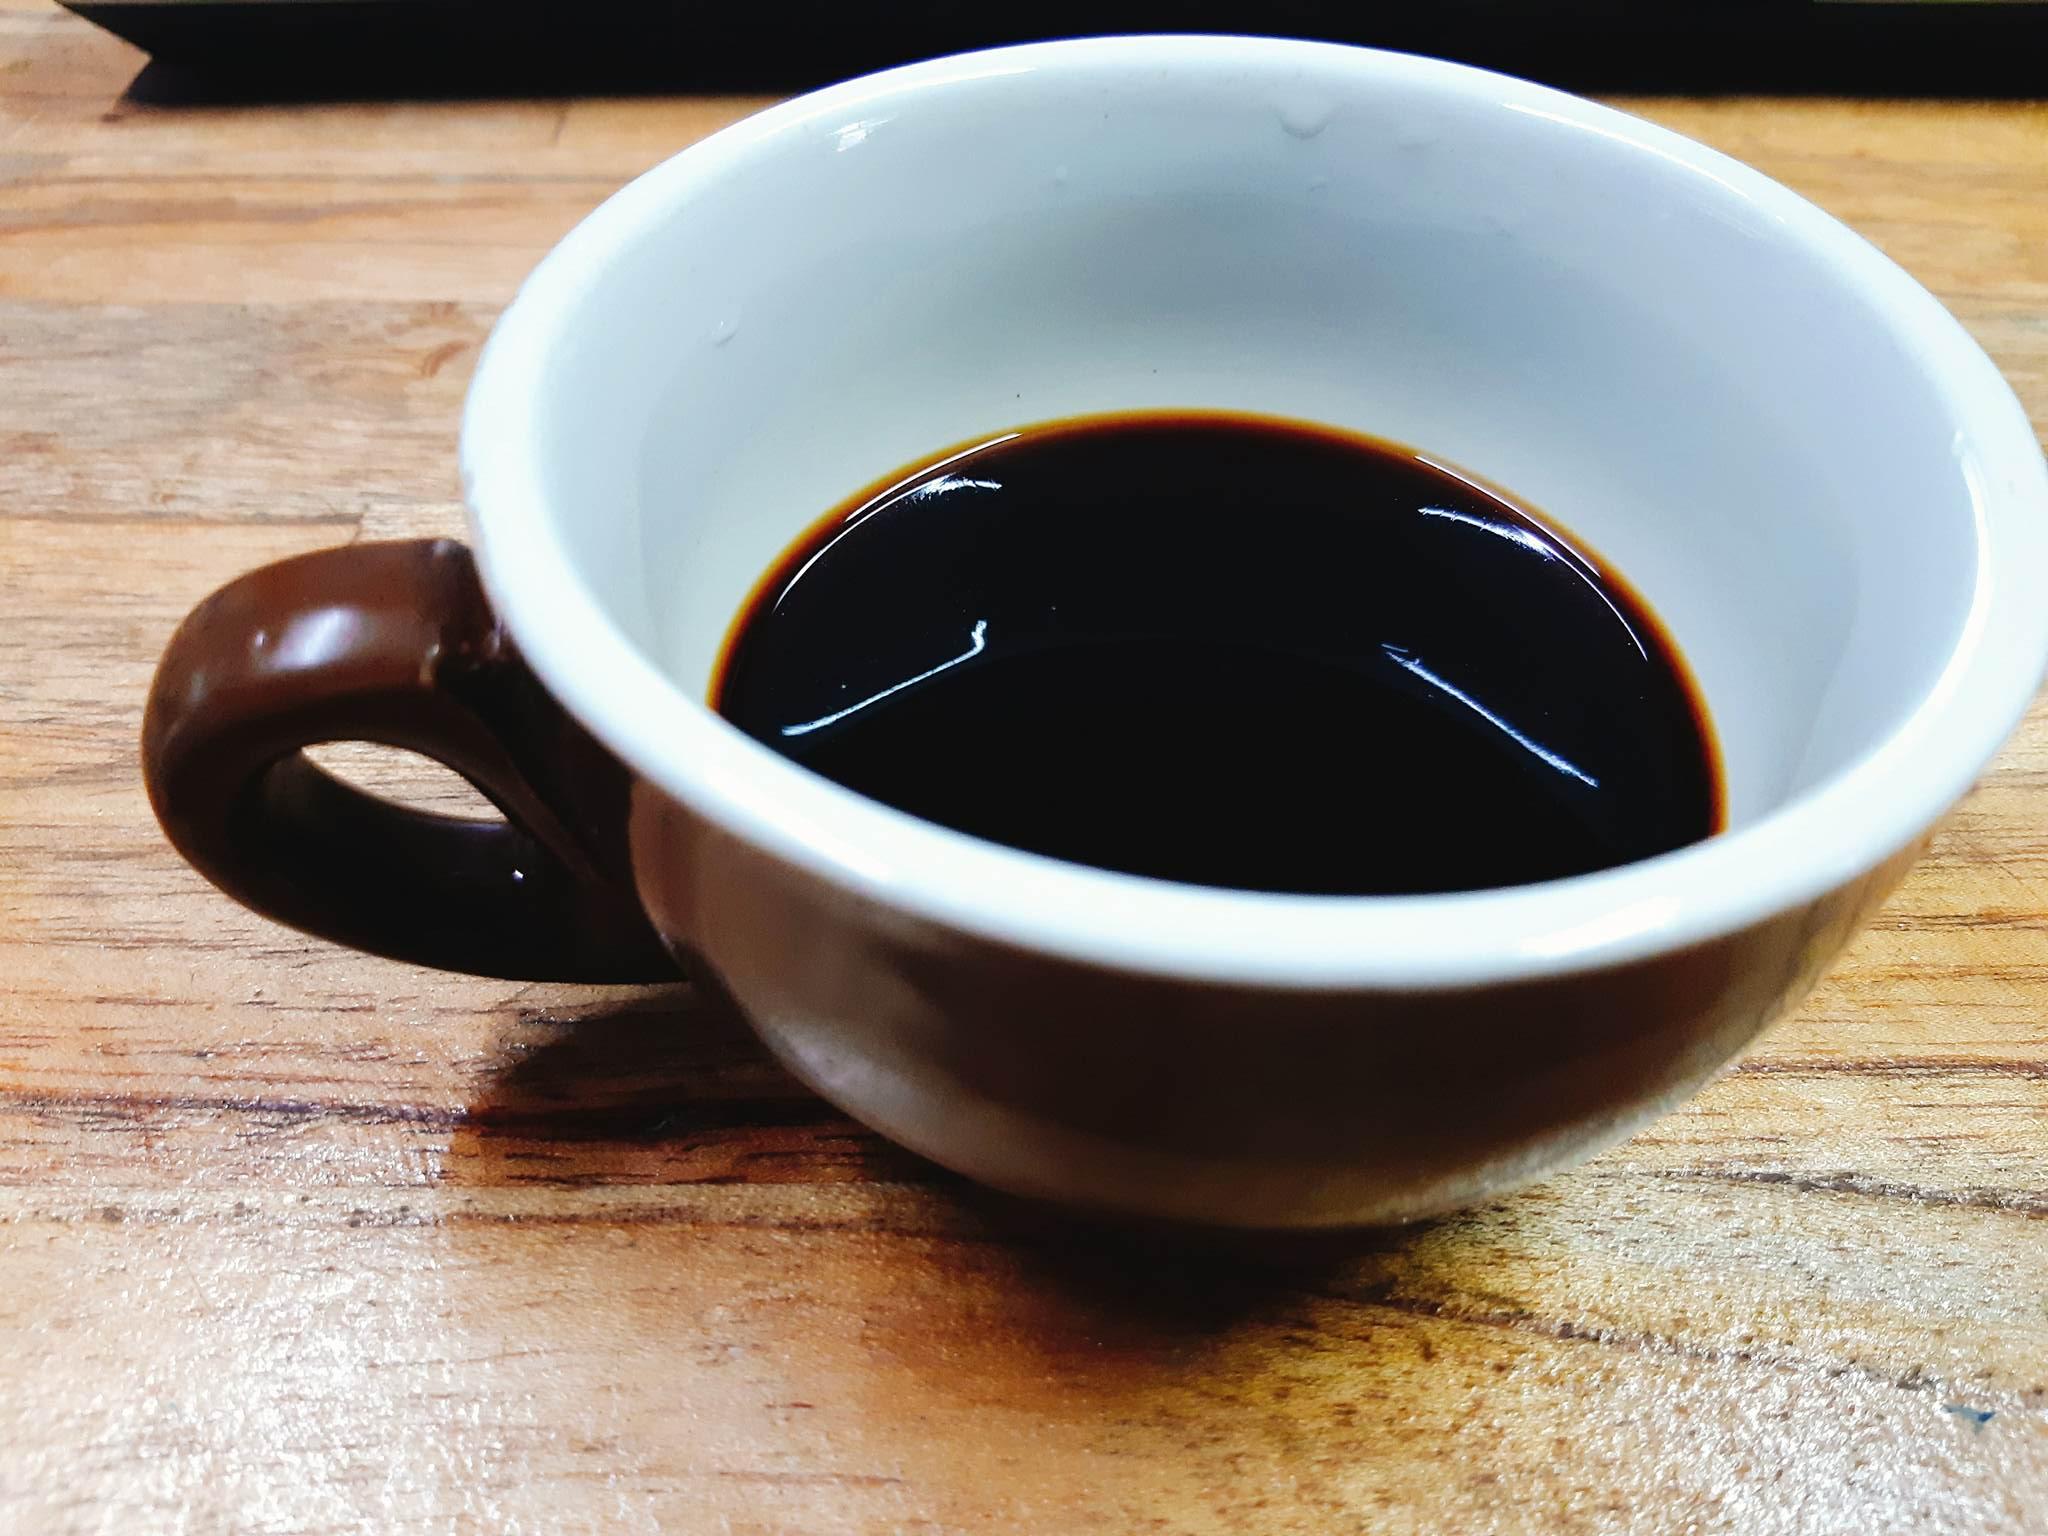 cà phê có pha thêm các chất khác